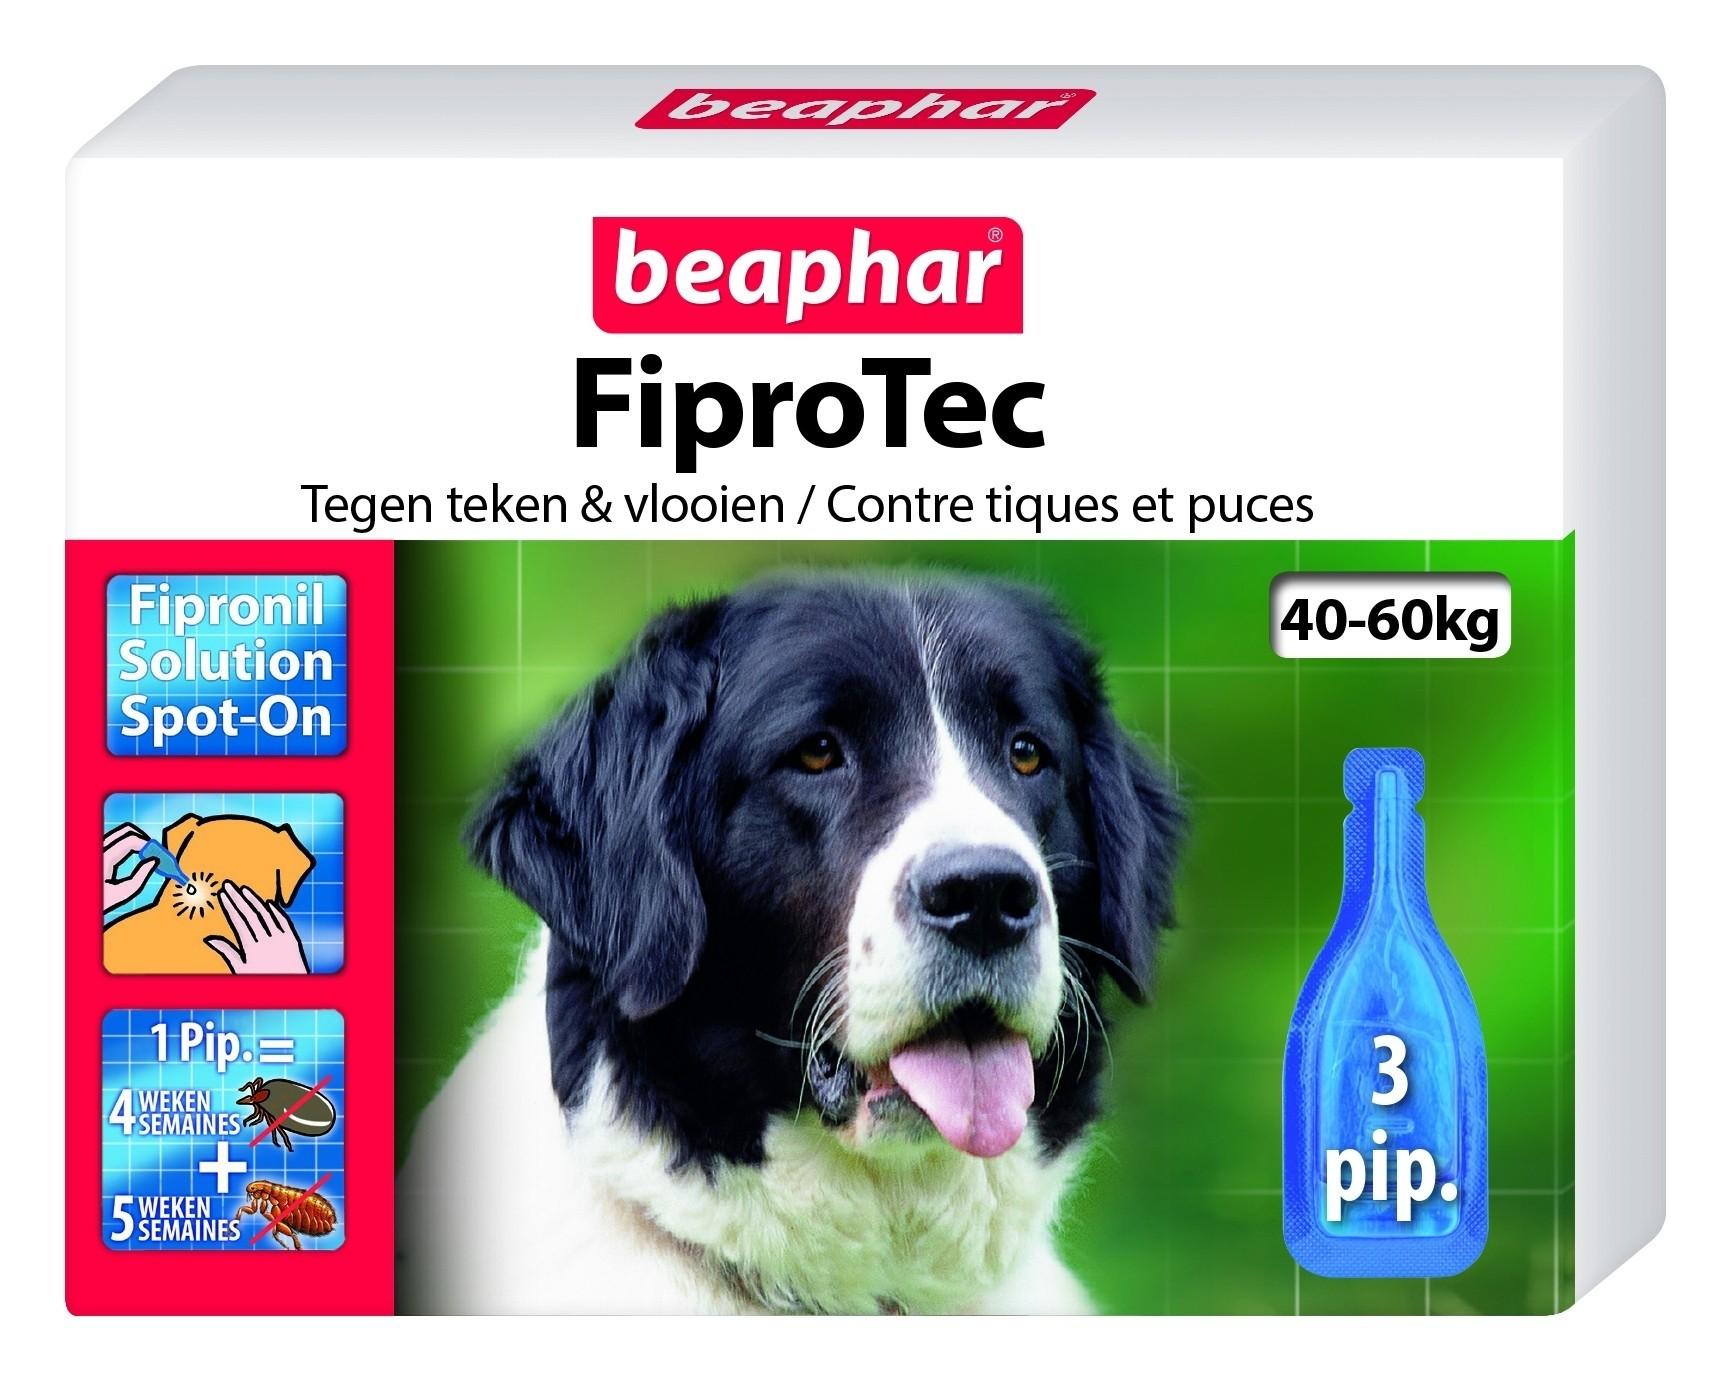 Beaphar Fiprotec hond vlooien/teken 40-60kg 3 pipet